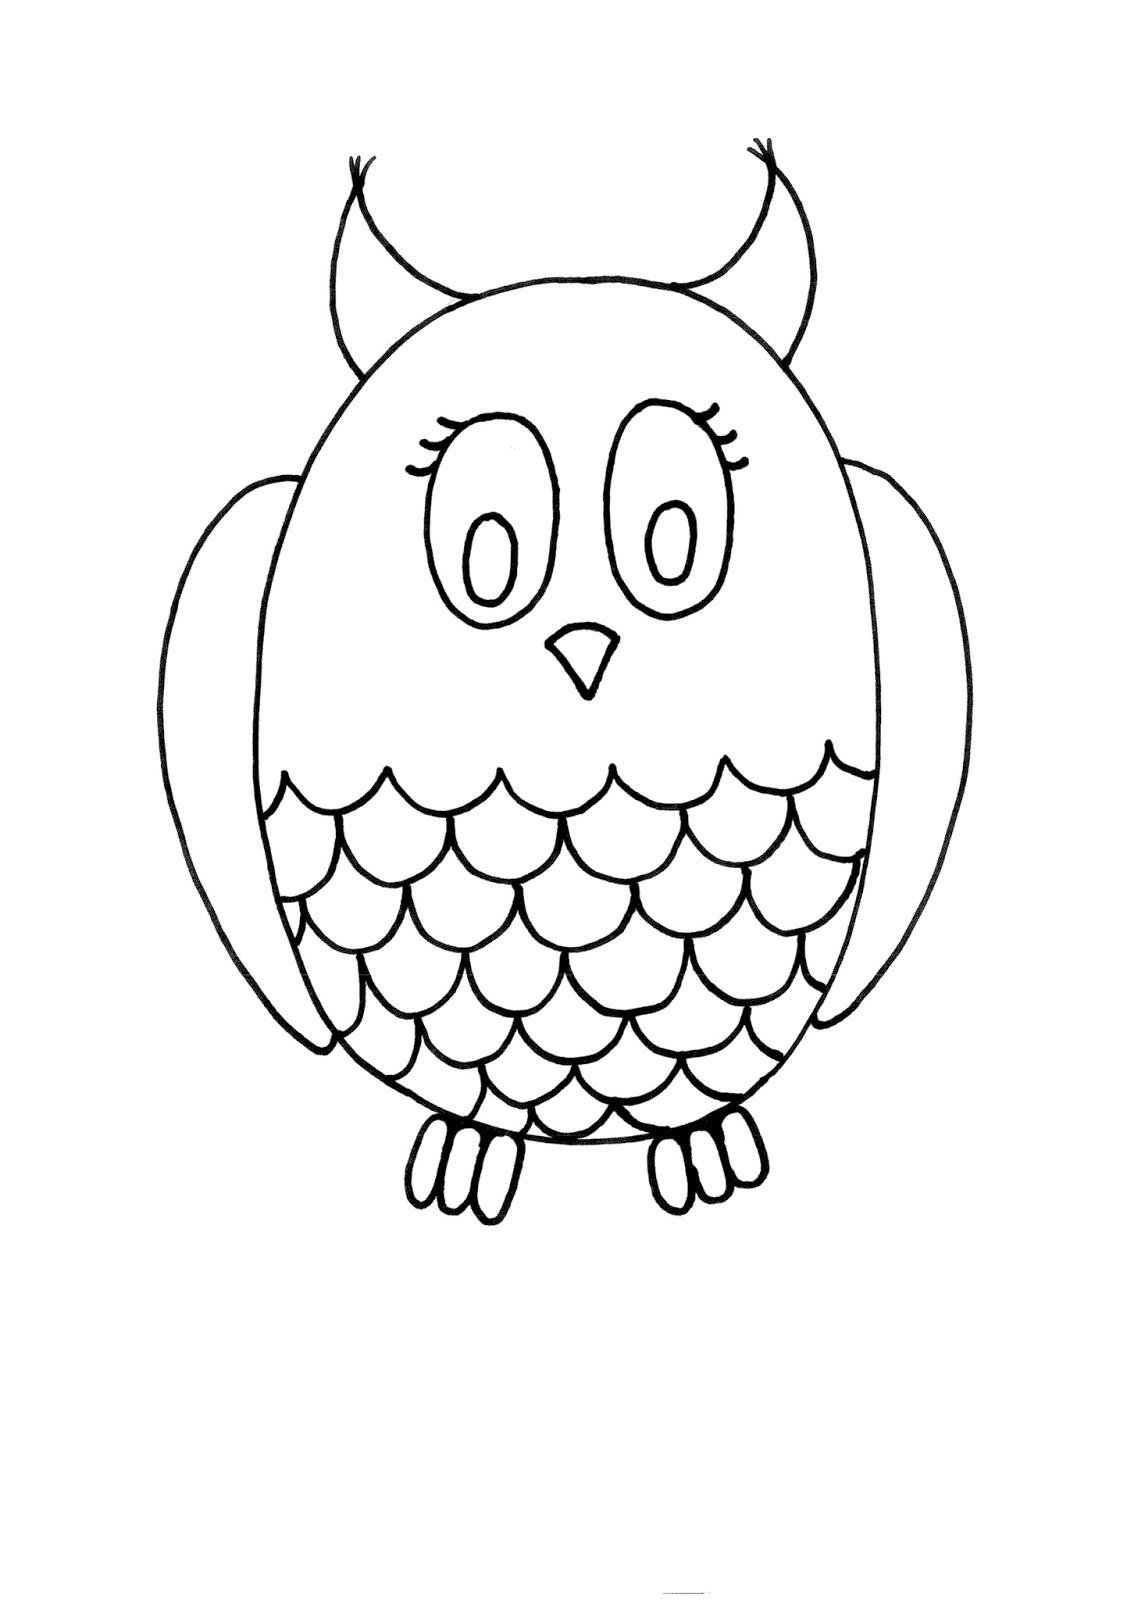 Excelente Fácil Animal Para Colorear Imagen - Dibujos Para Colorear ...